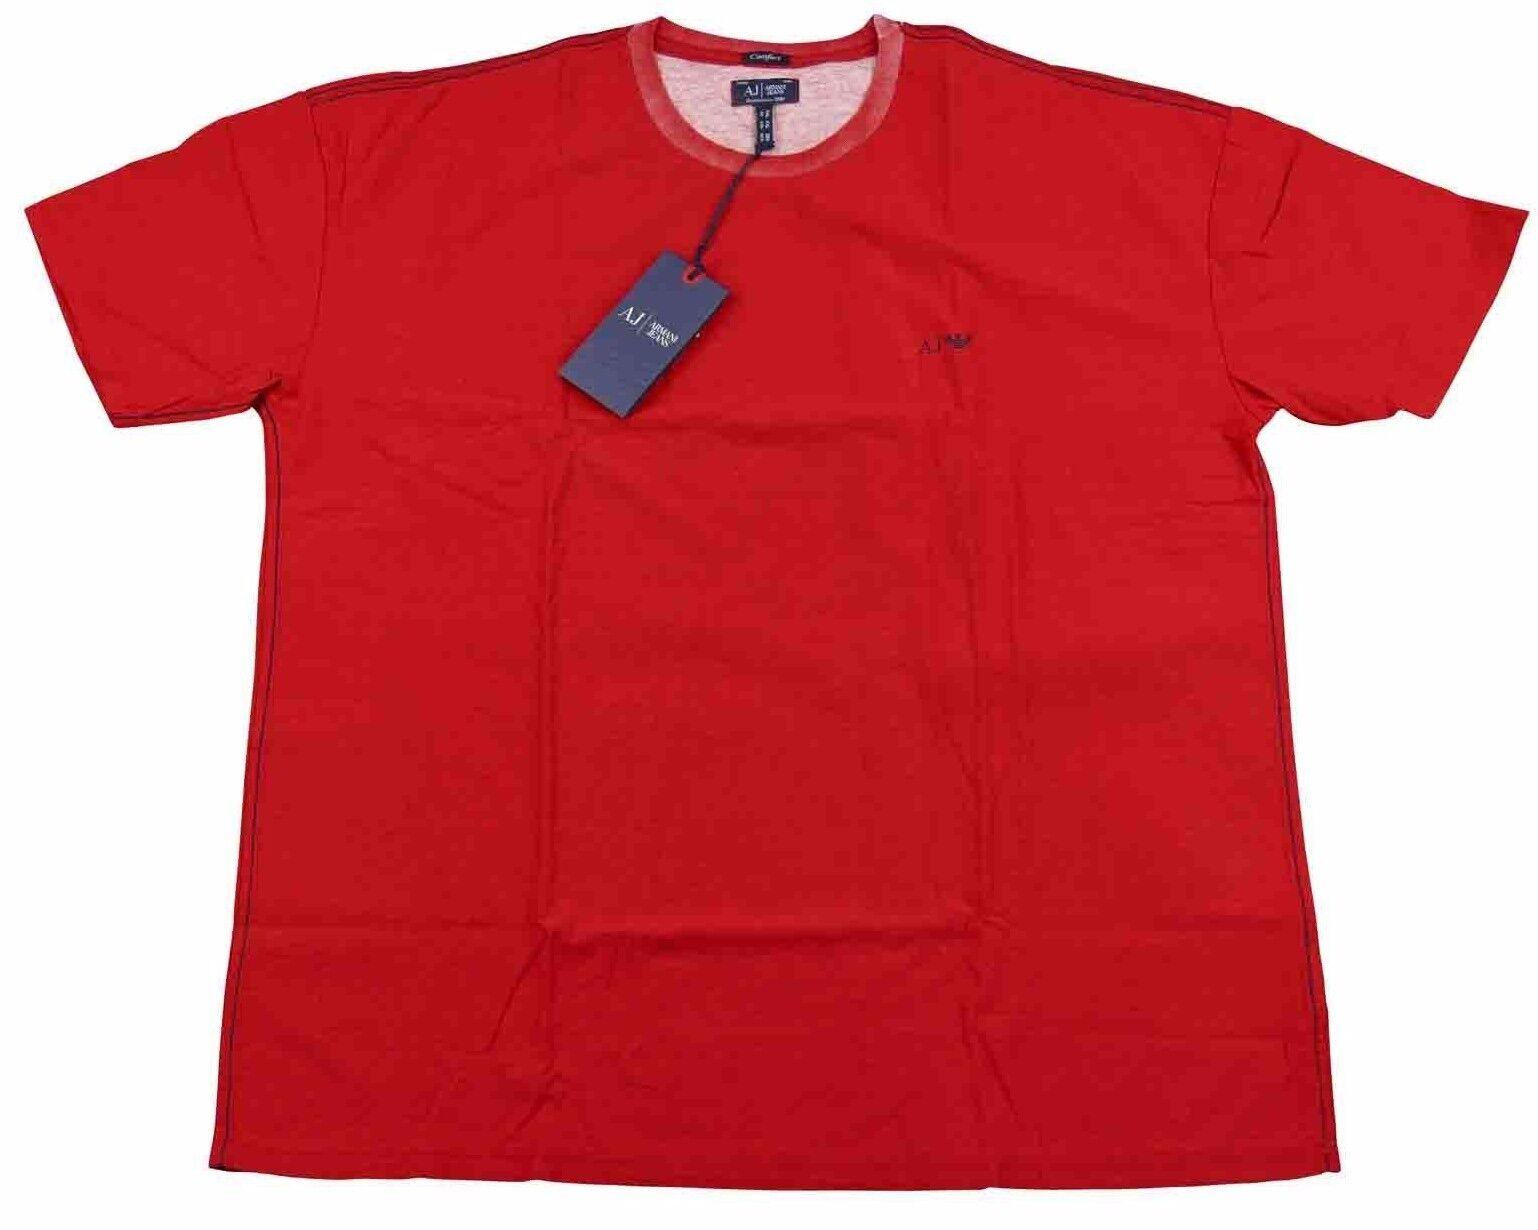 Armani Jeans Mens Plain Red Small AJ Logo H S T-shirt - Sz XXL & XXXL BNWT